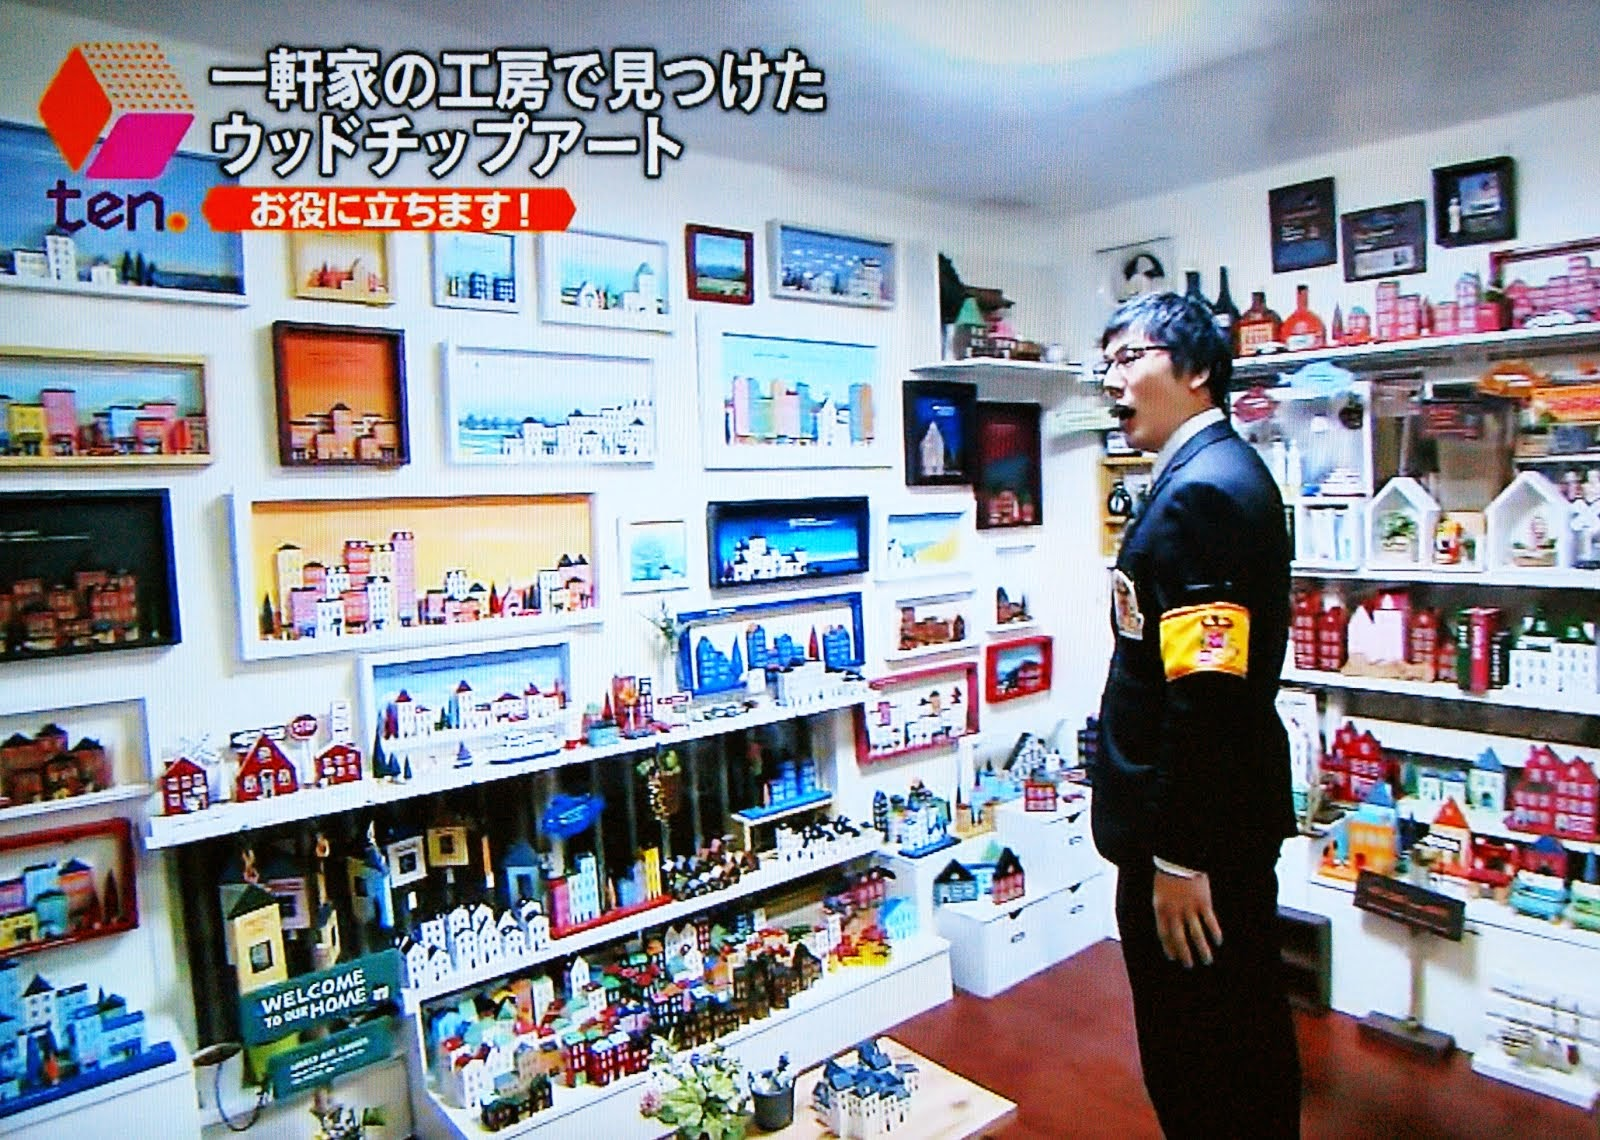 2015.1.15 読売TV 「ten」の浅越ゴエさんが紹介。